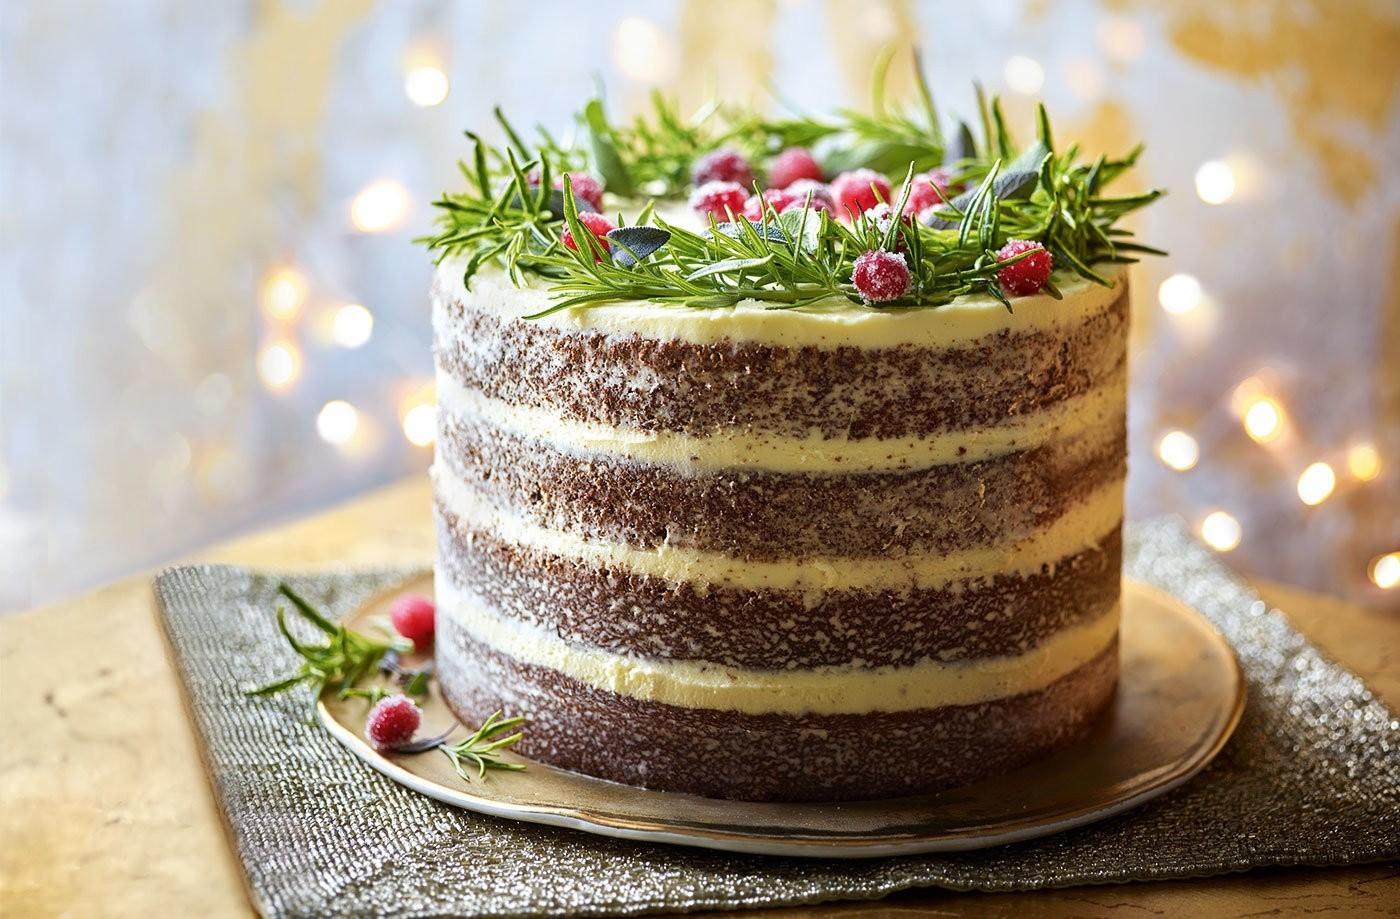 Kuchendeko weihnachten gesunee Ideee Tortendeko